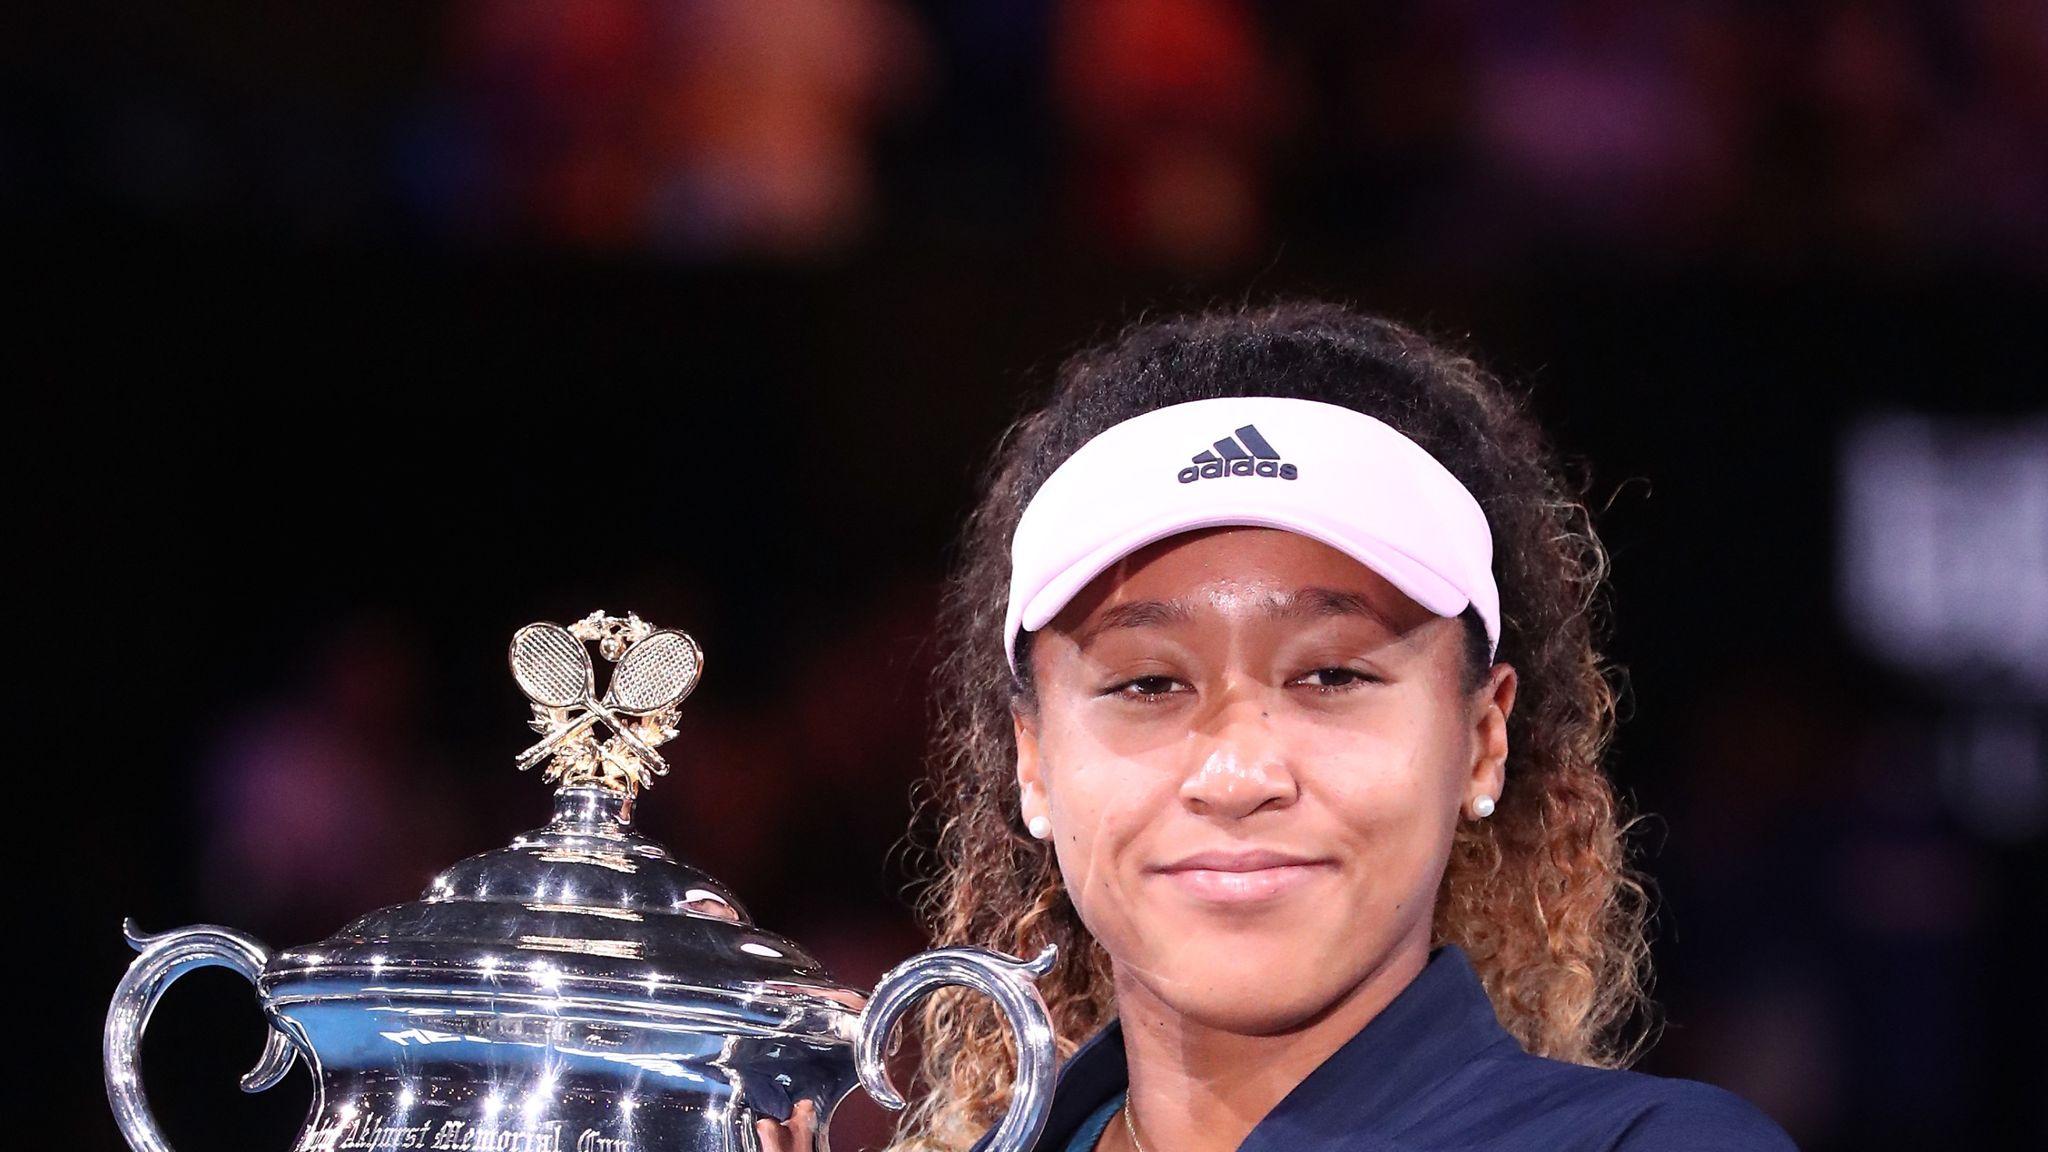 Australian Open 2020: Women's Draw